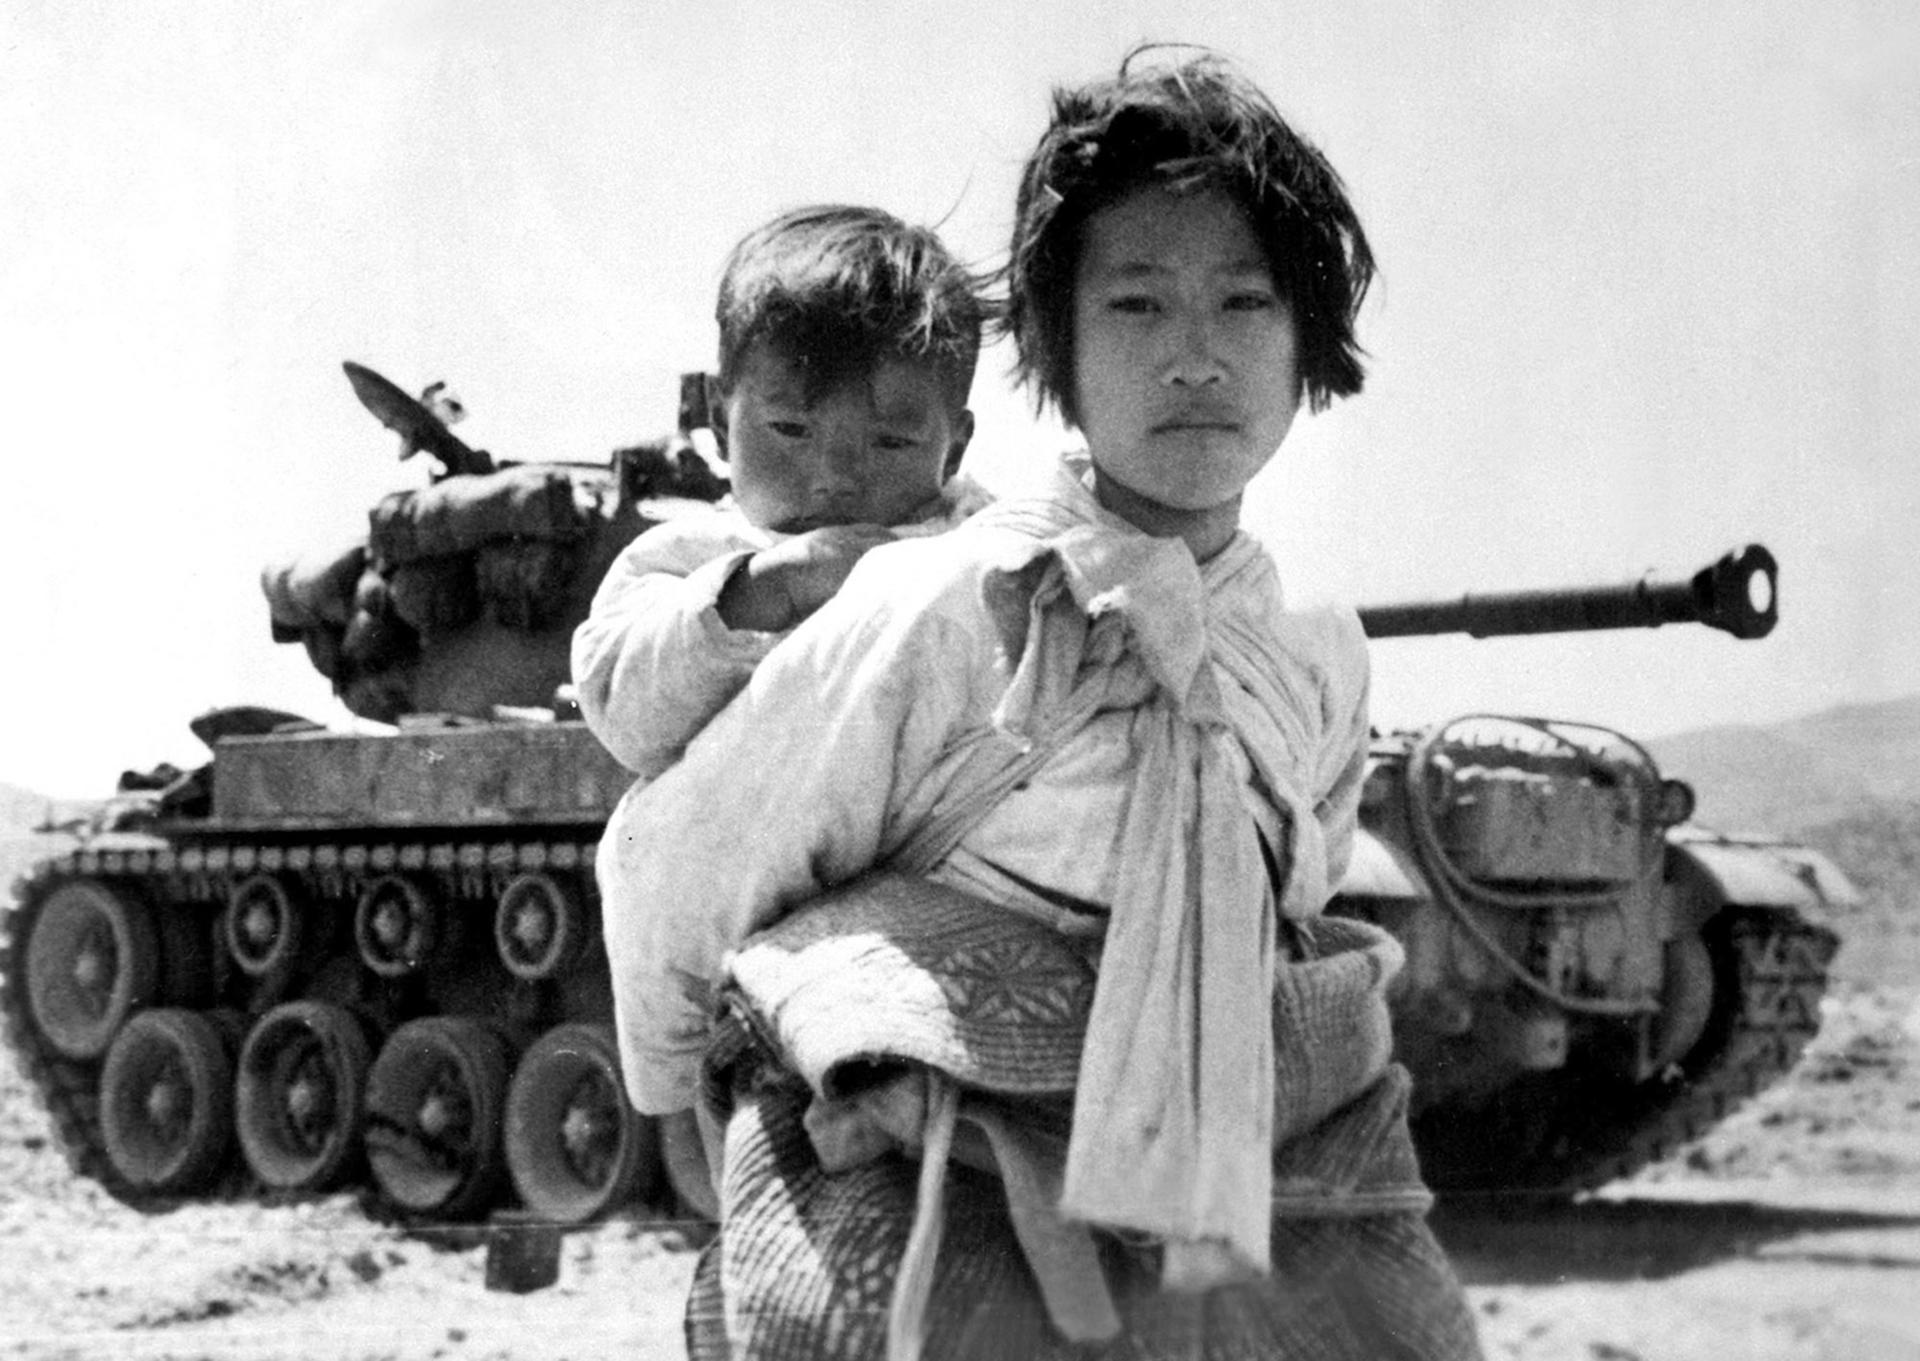 Con su hermano en la espalda, una cansada niña de la guerra coreana, en Haengju, Corea. El 9 de junio de 1951 (US Navy)